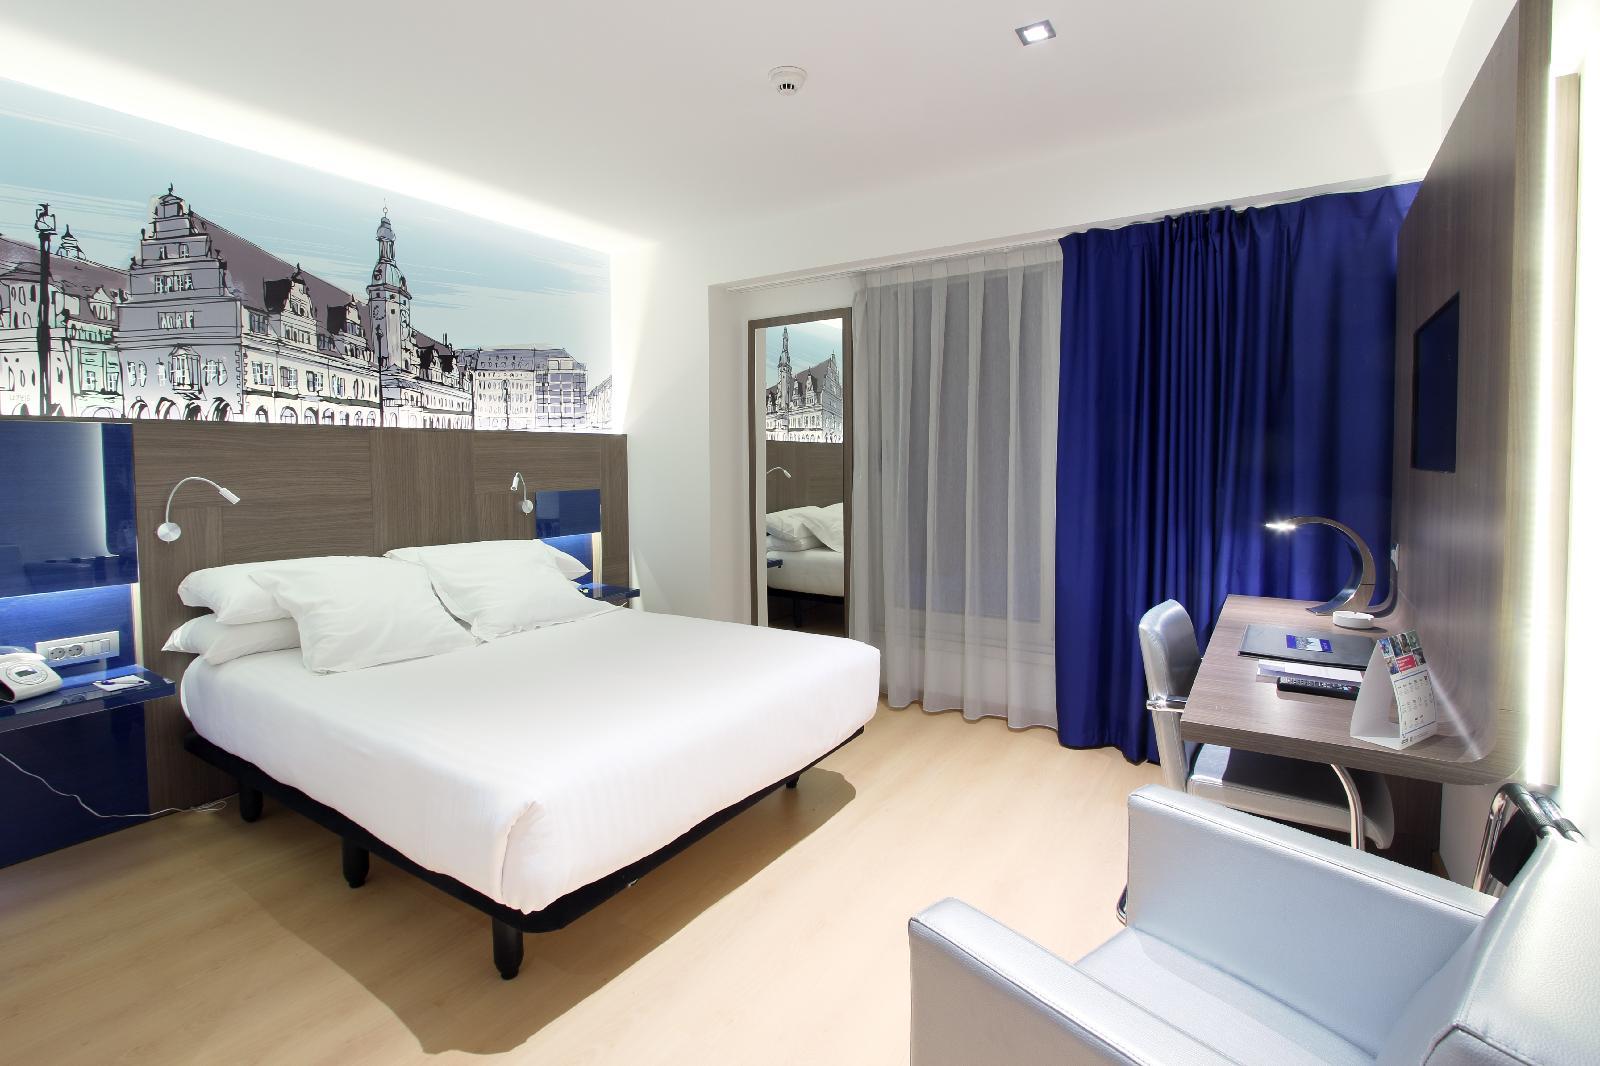 12. Hotel Blue Coruña